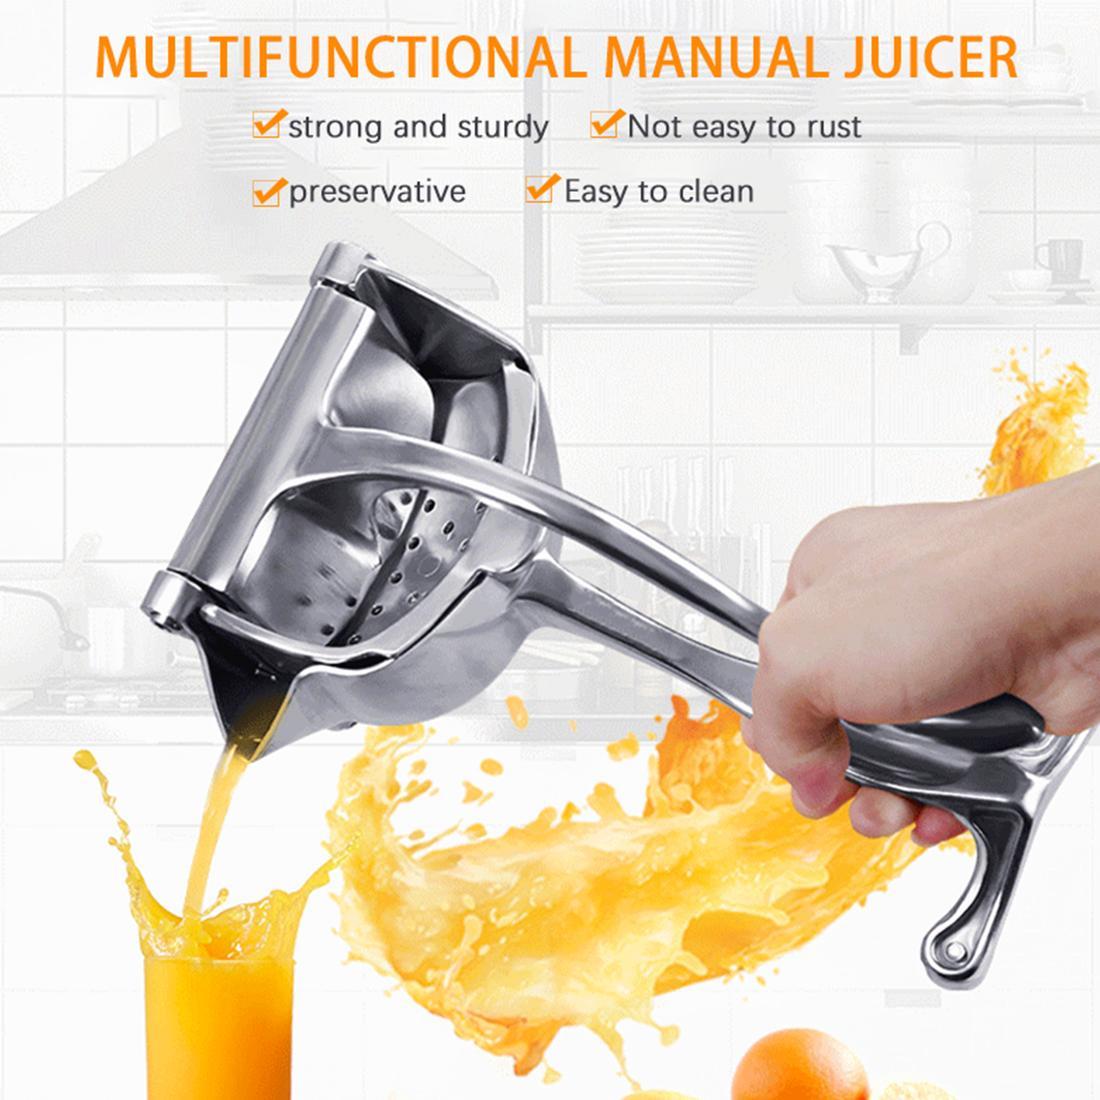 Kullanım Big Manuel Juicer- Alüminyum Alaşım Nut Meyve Limon Portakal Sıkacağı Extractor Aracı Kolay